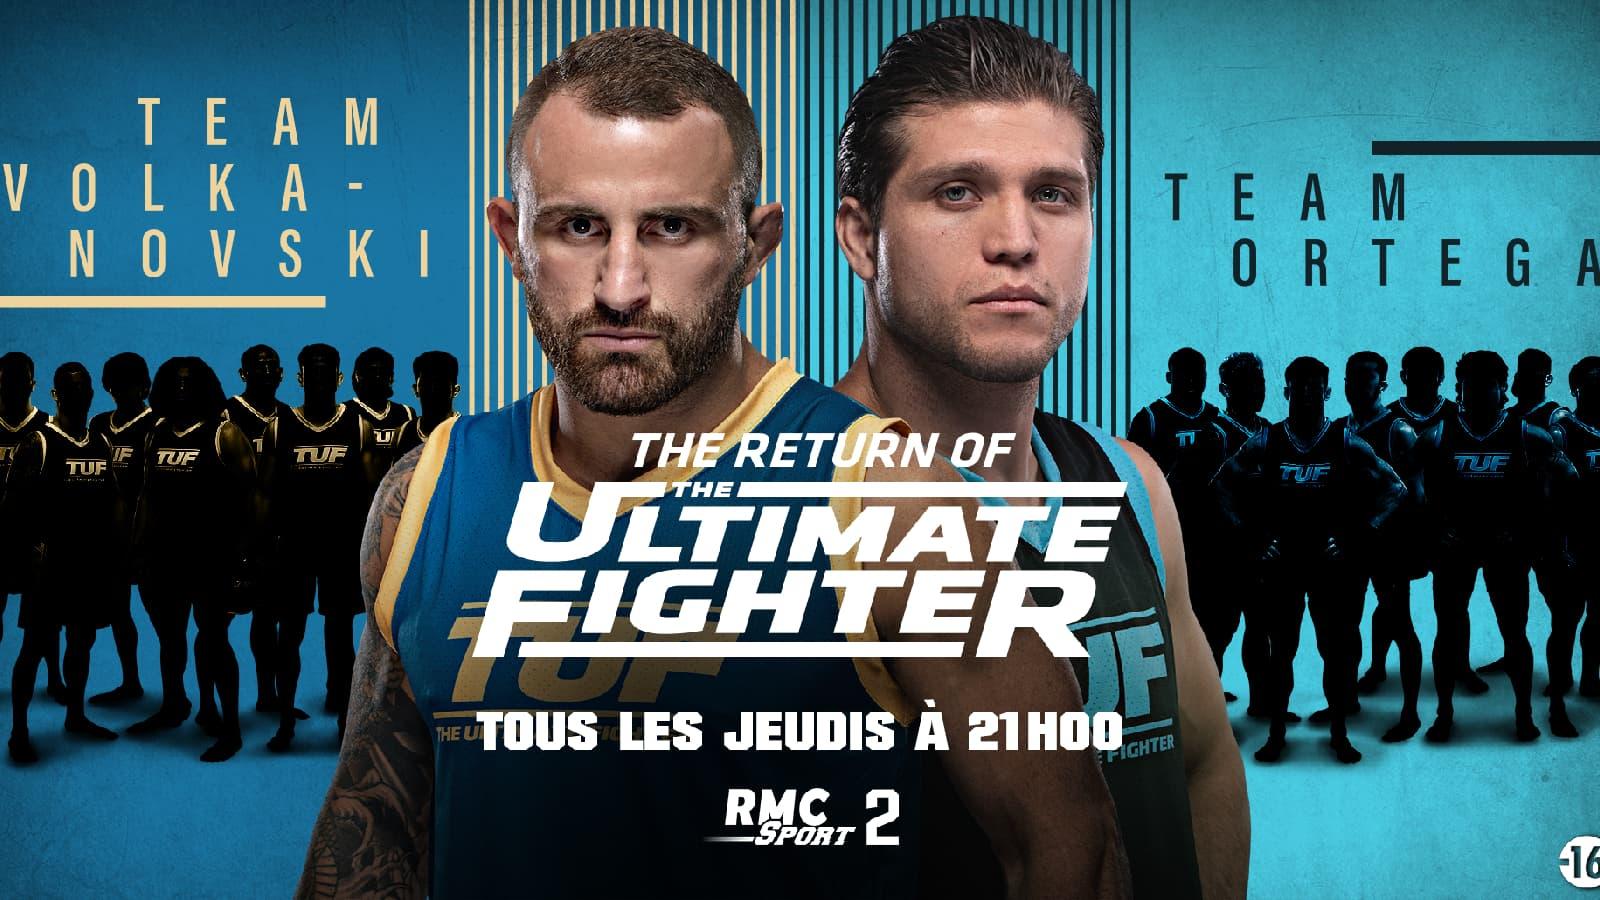 Retrouvez The Ultimate Fighter et l'UFC sur RMC Sport